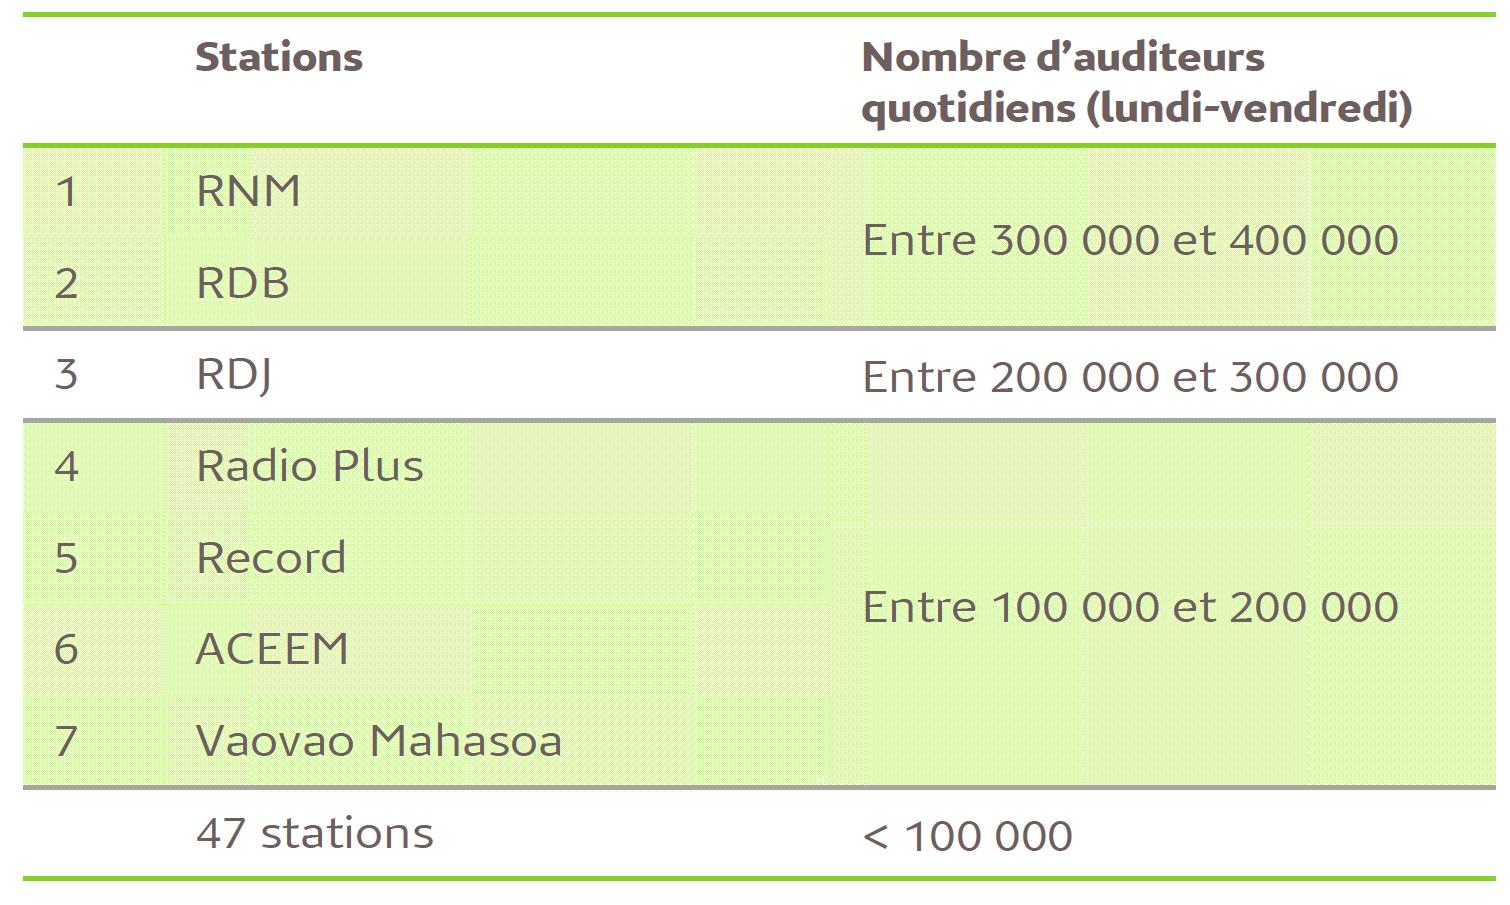 Source : Médiamétrie / Hermes Conseil / 2nd semestre 2016 - Copyright Médiamétrie – Tous droits réservés